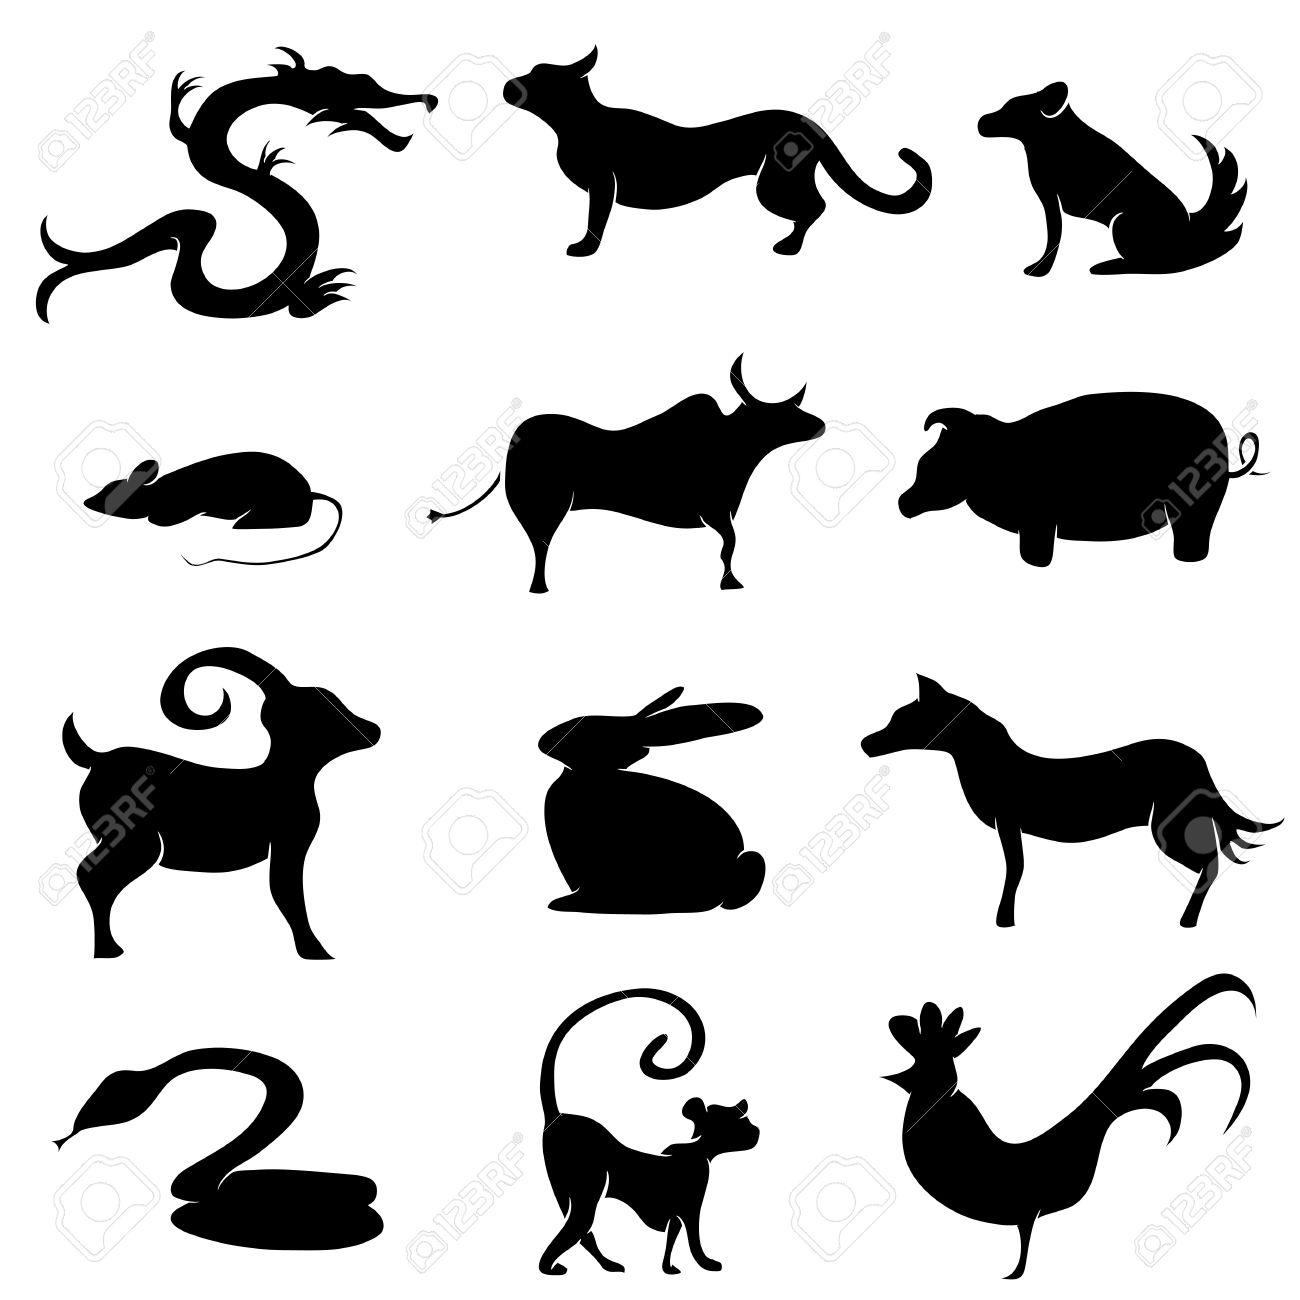 Une Image De Silhouettes D'animaux Astrologie Chinoise. Clip Art ...